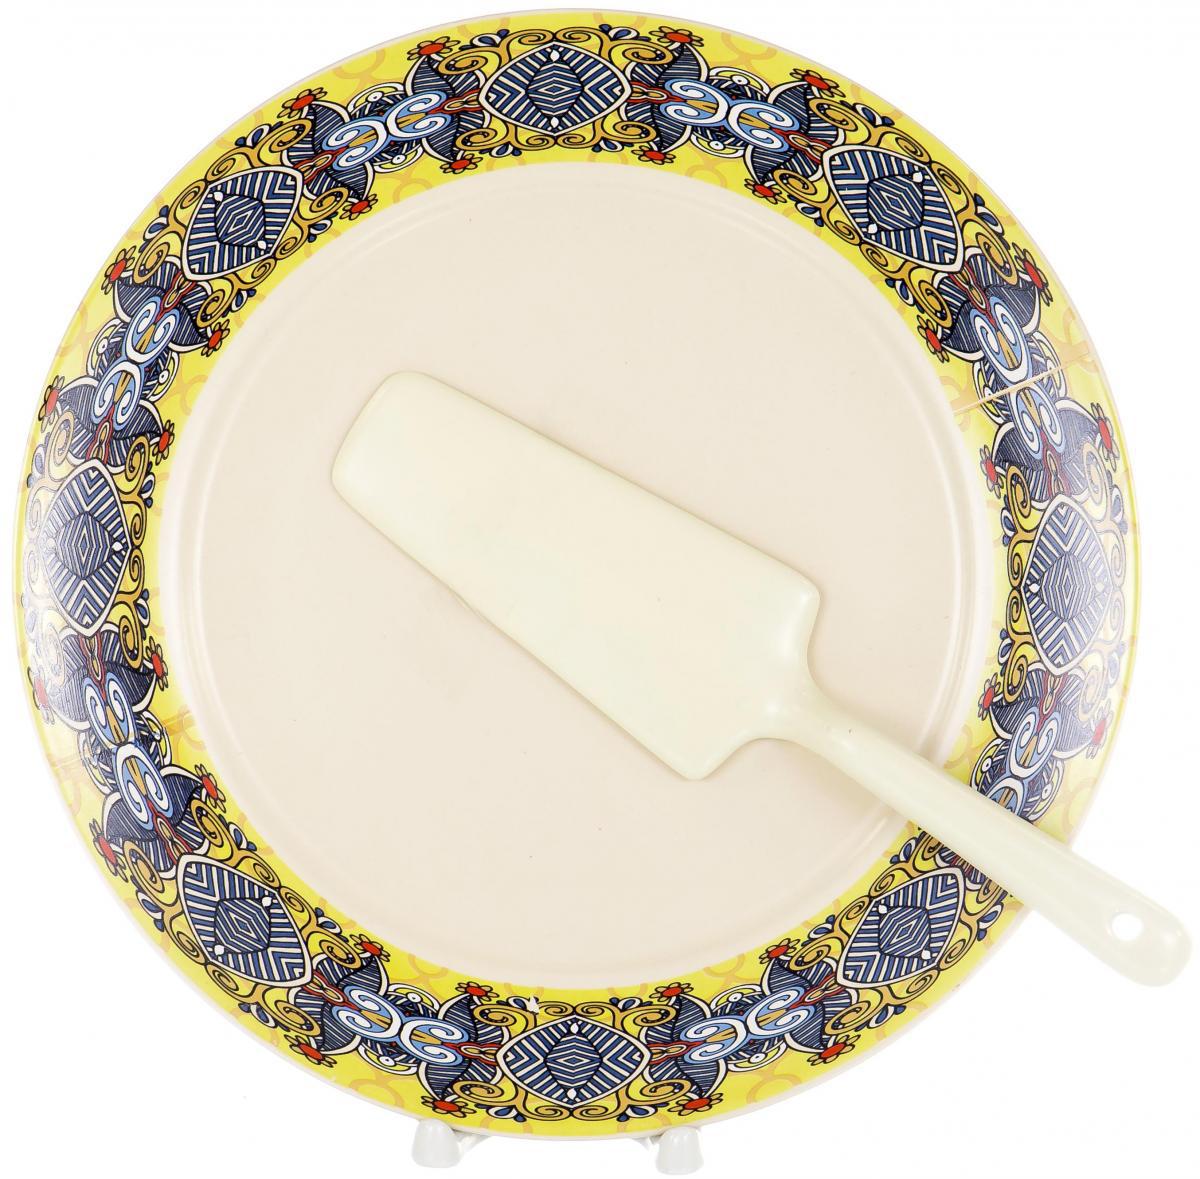 Набор для торта Olaff, 2 предмета. KR-SCP011-1056DKR-SCP011-1056DНабор для торта Olaff состоит из тарелки и лопатки, выполненных из высококачественного фарфора. Изделия идеальны для подачи тортов, пирогов и другой выпечки. Изысканный дизайн сделает набор эффектным украшением праздничного стола.